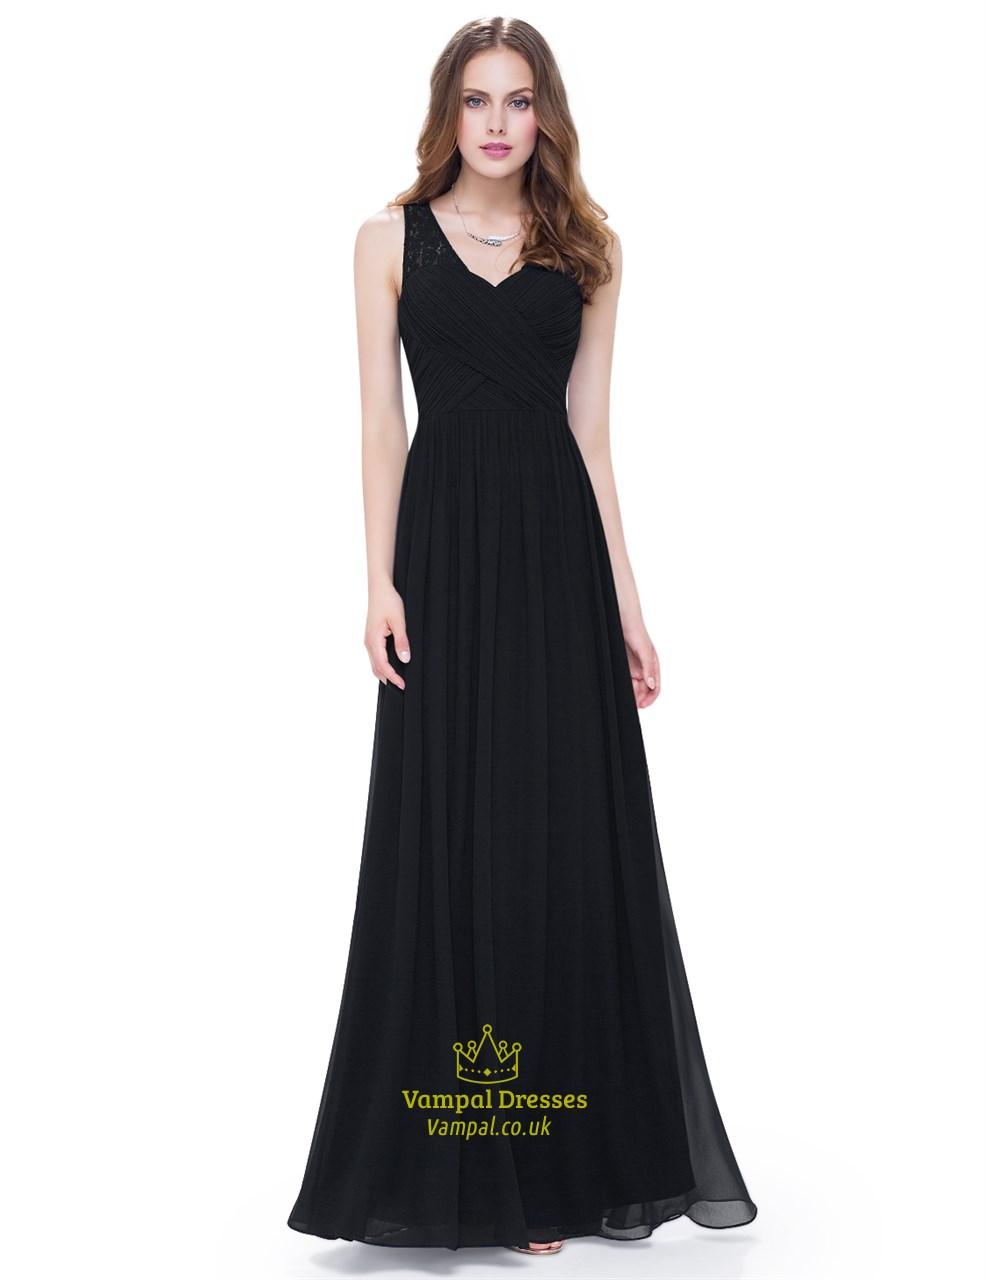 cc88f738dd4e4 Long Chiffon Prom Dresses Uk - raveitsafe